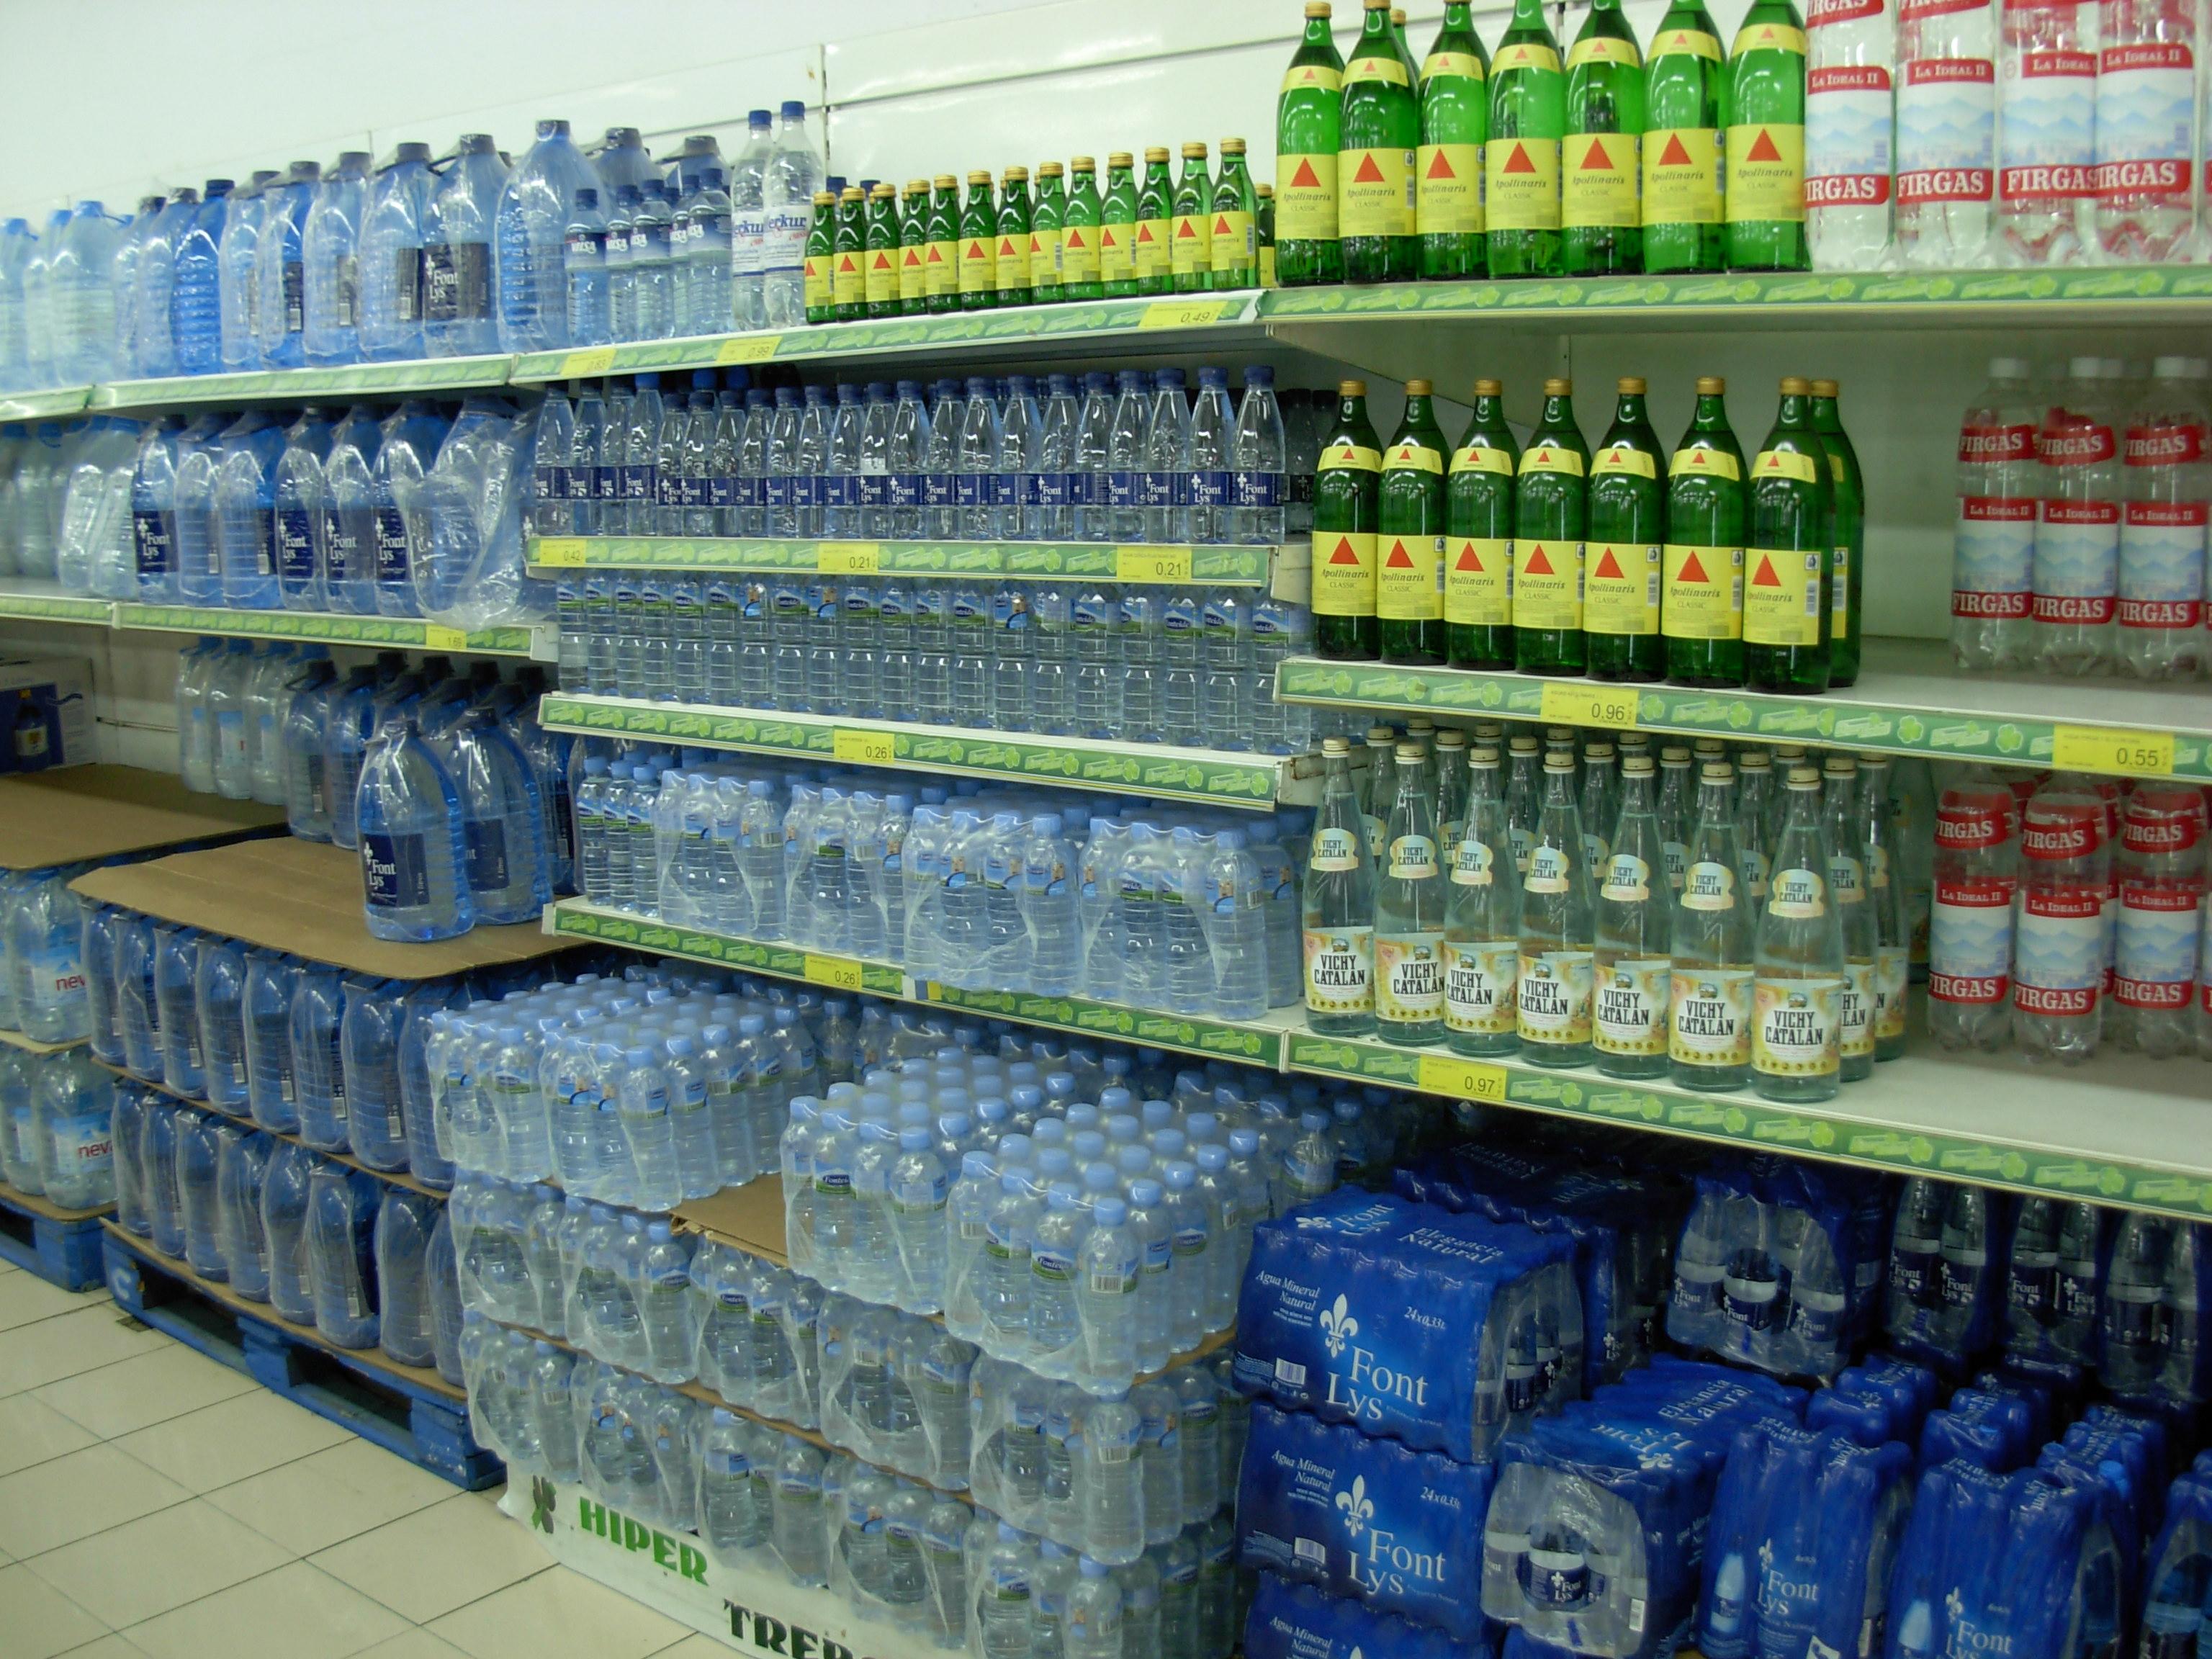 Eurospin ritira acqua dal supermercato per contaminazione for Acqua blues eurospin